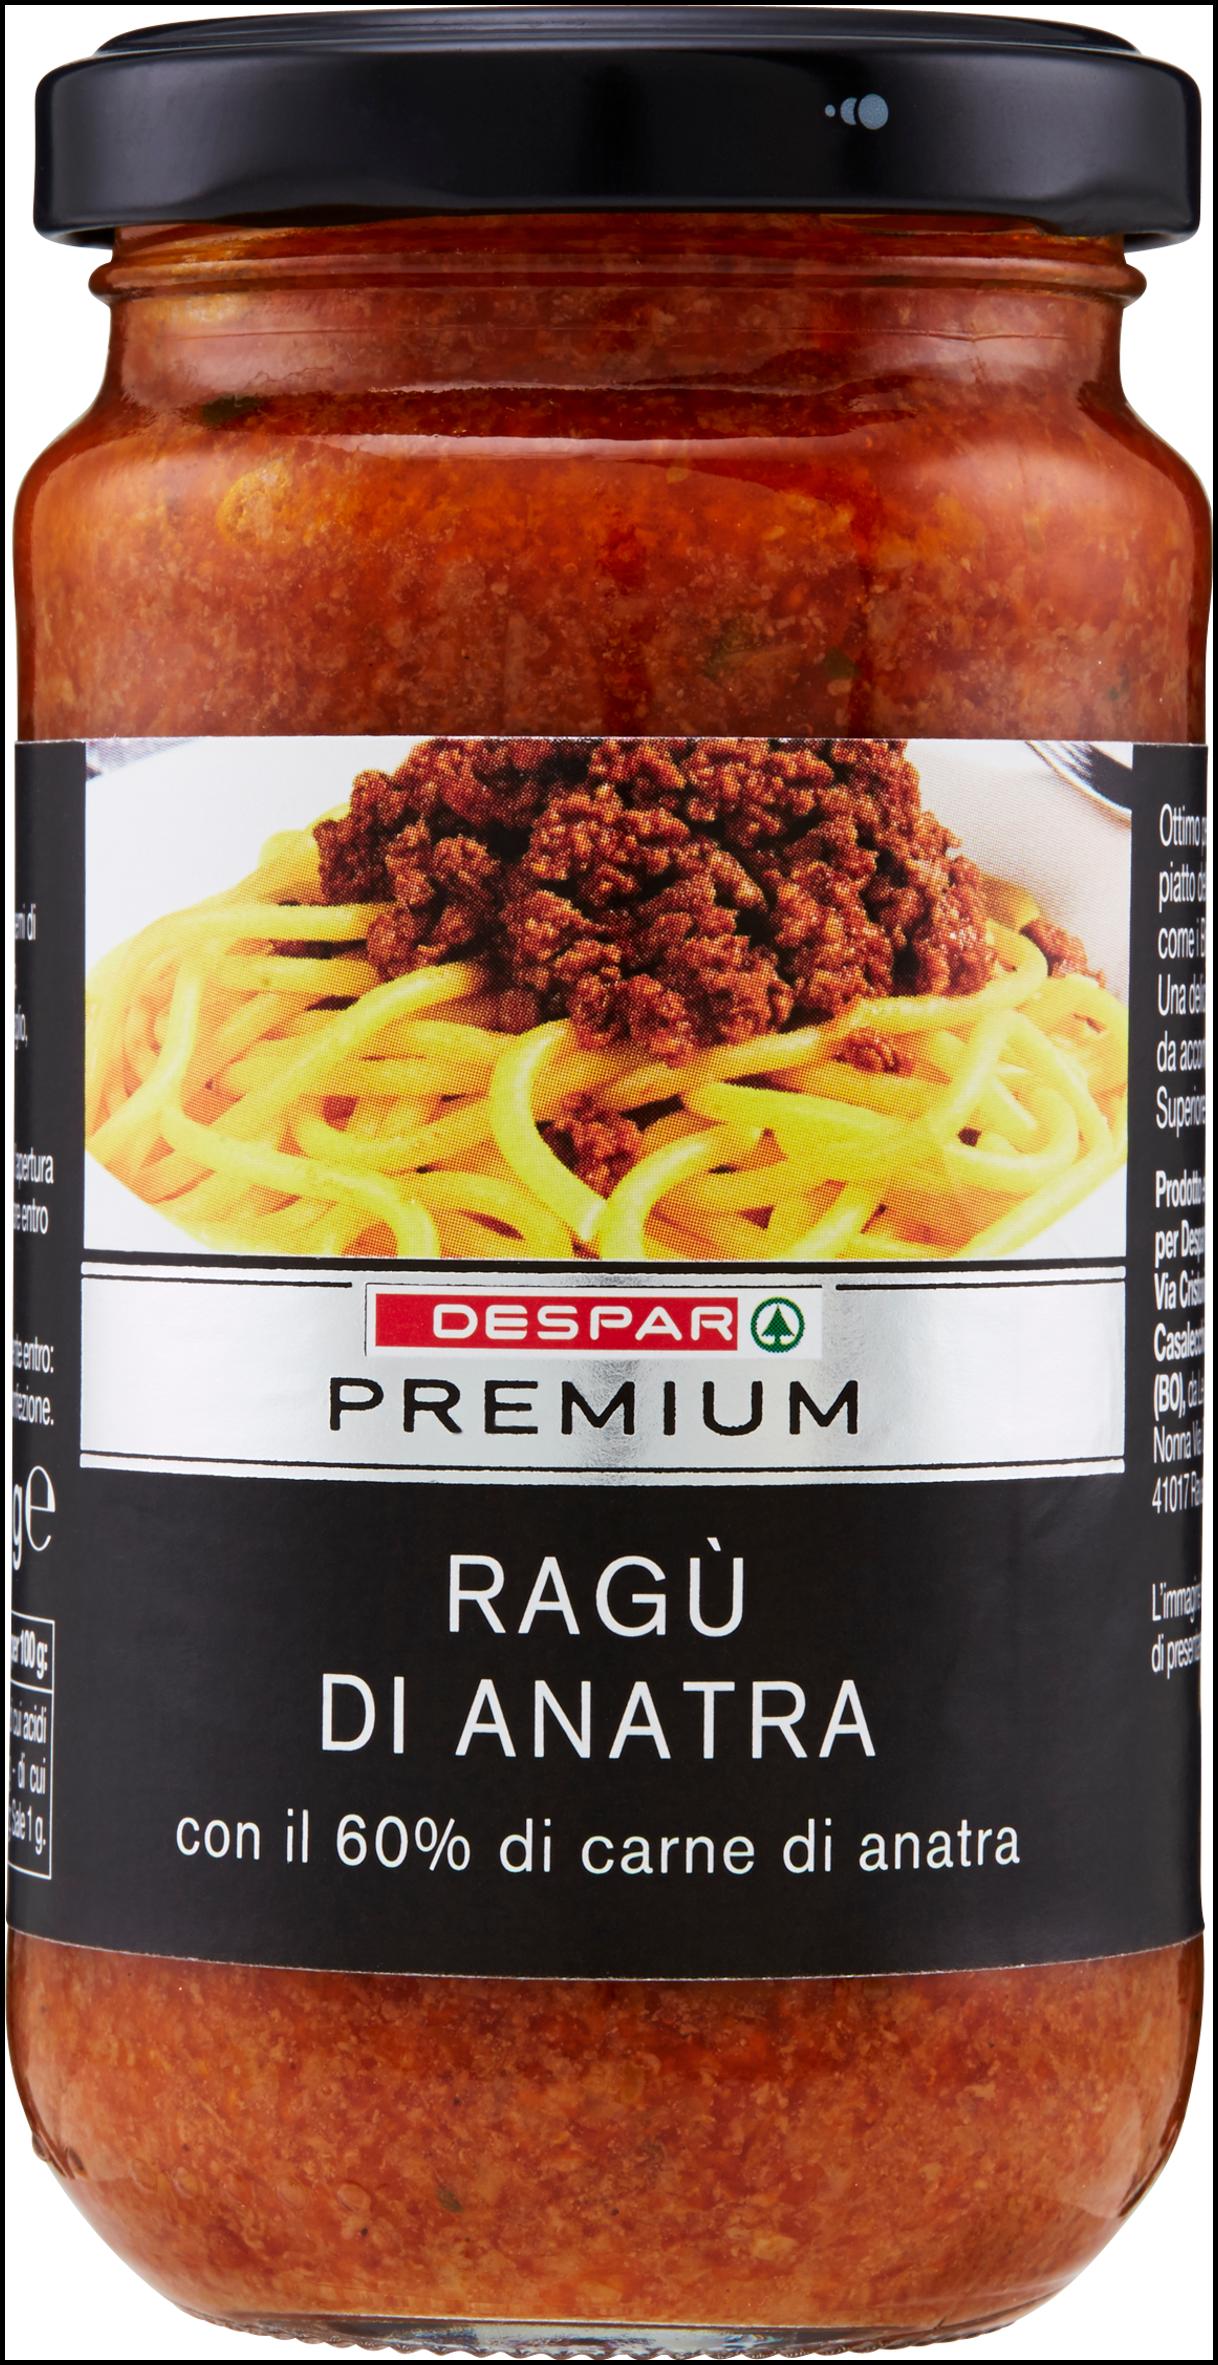 RAGU' DI ANATRA PREMIUM 190G